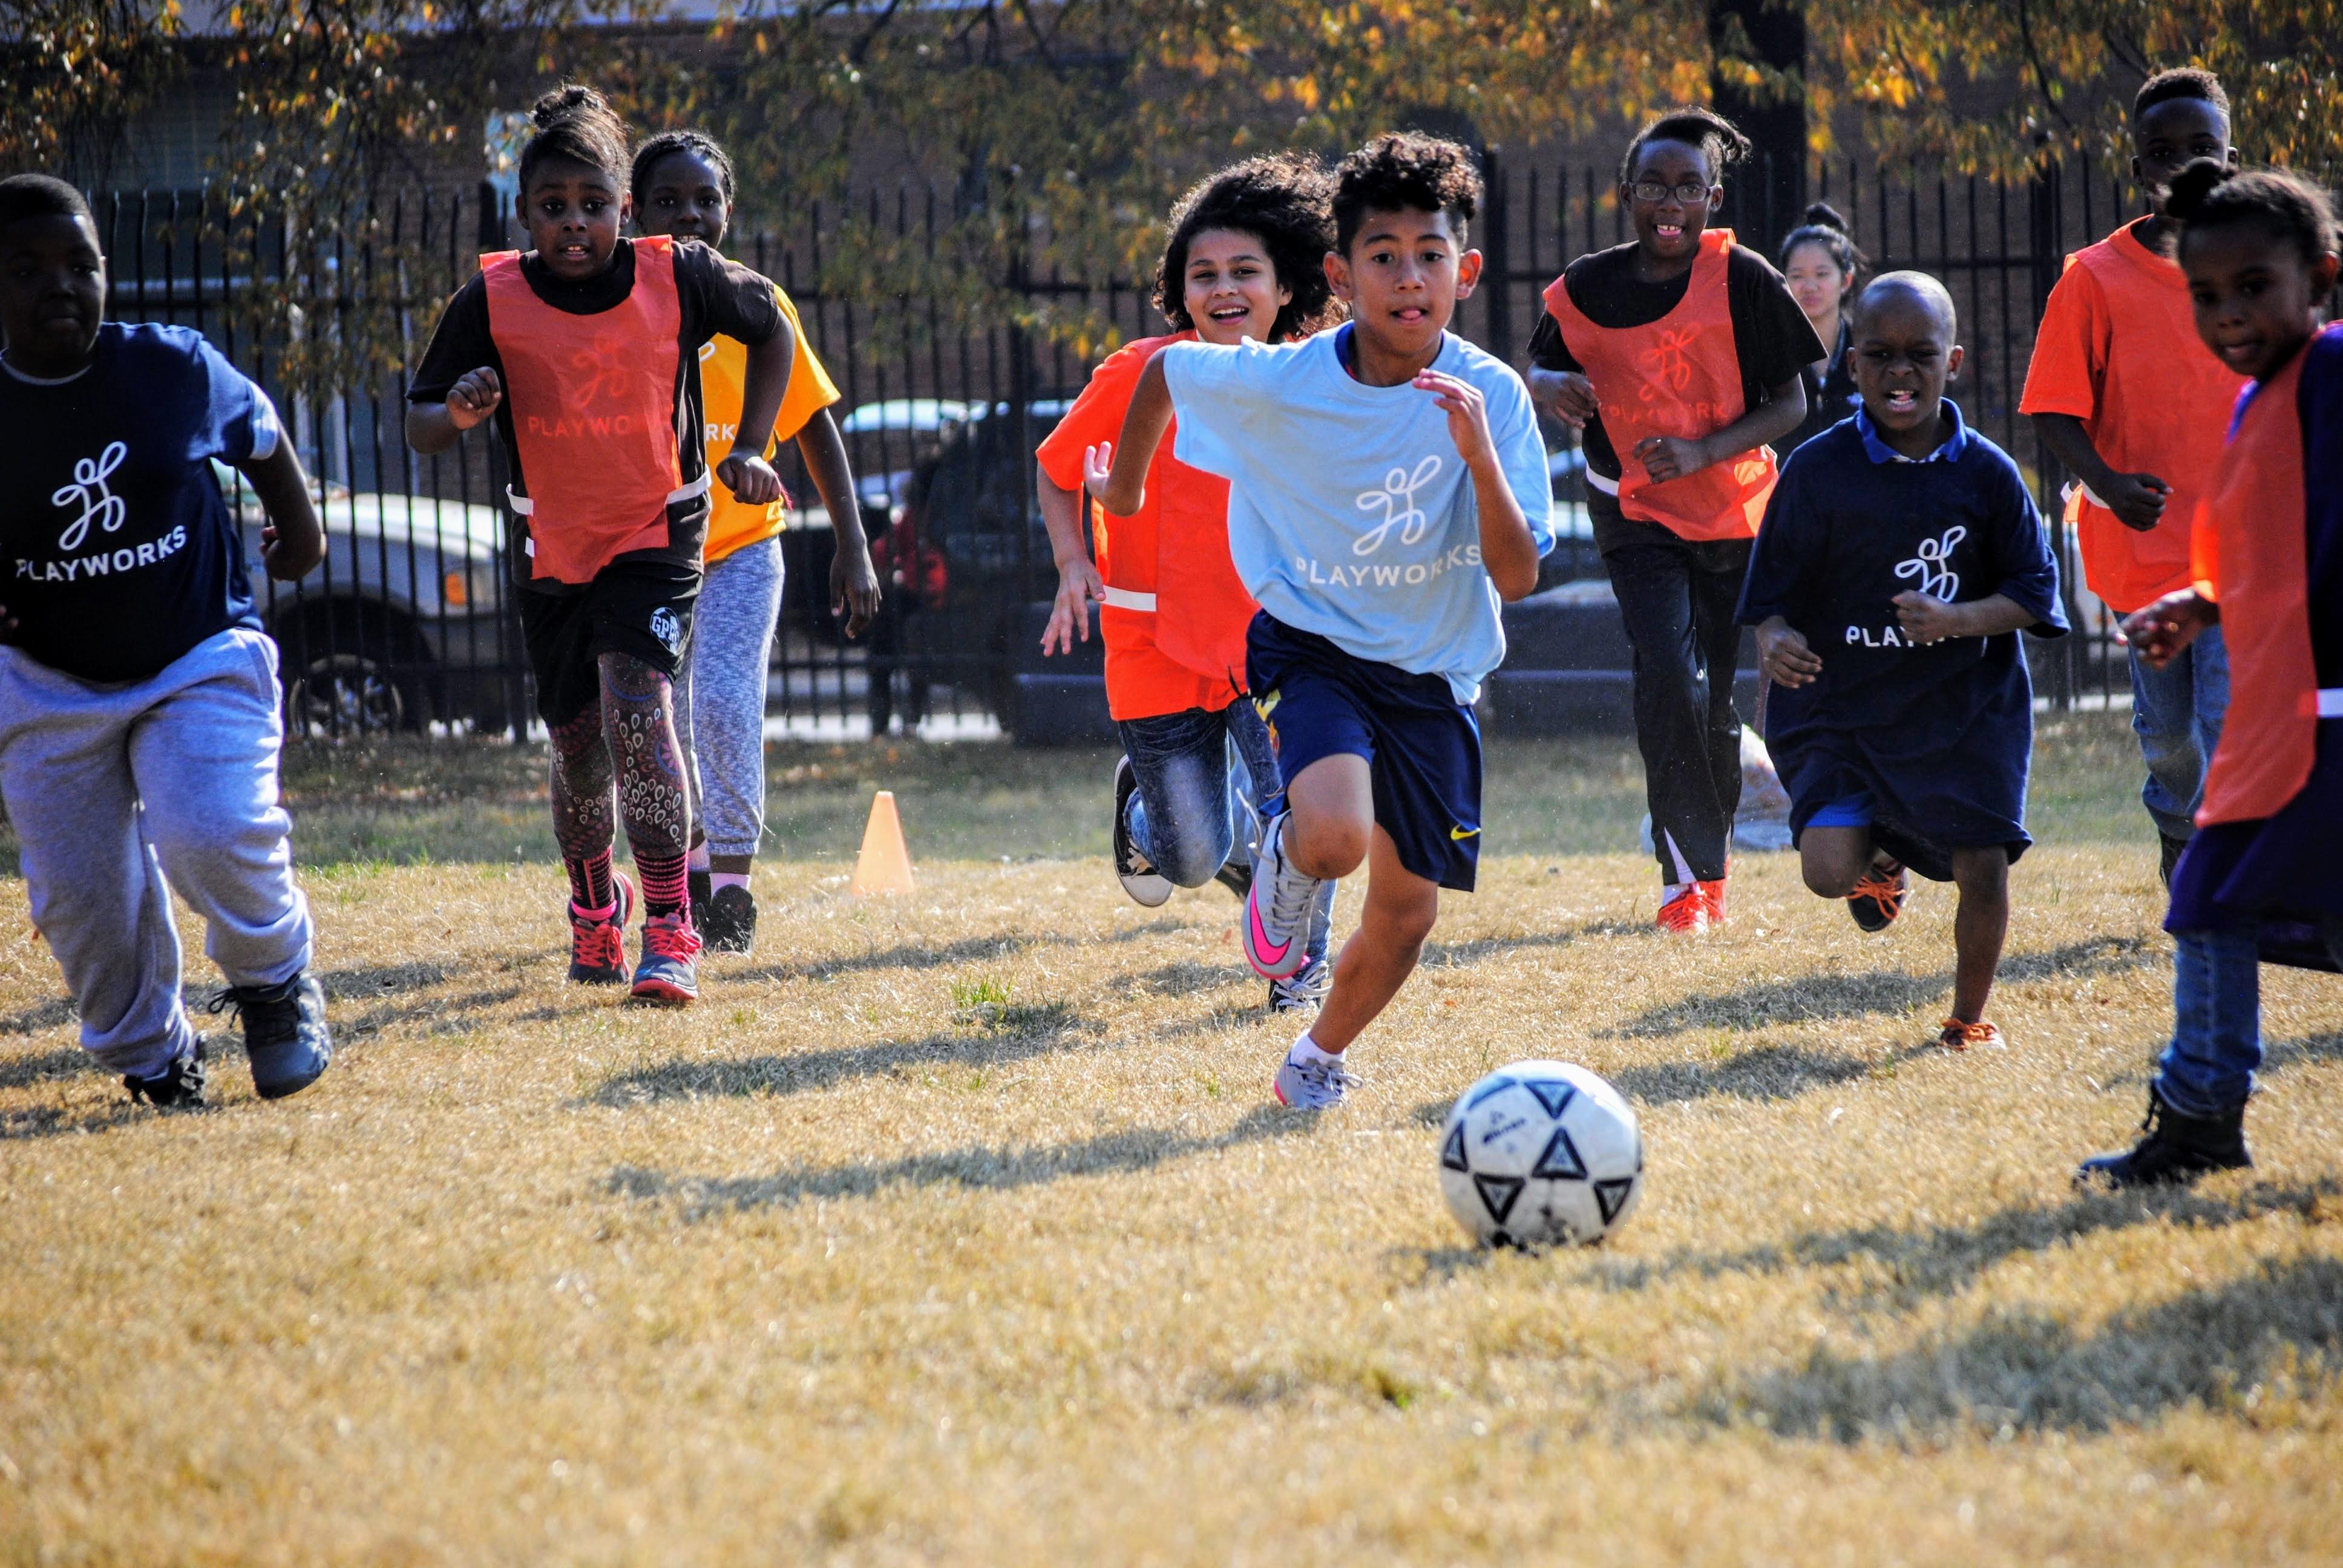 Playworks soccer game